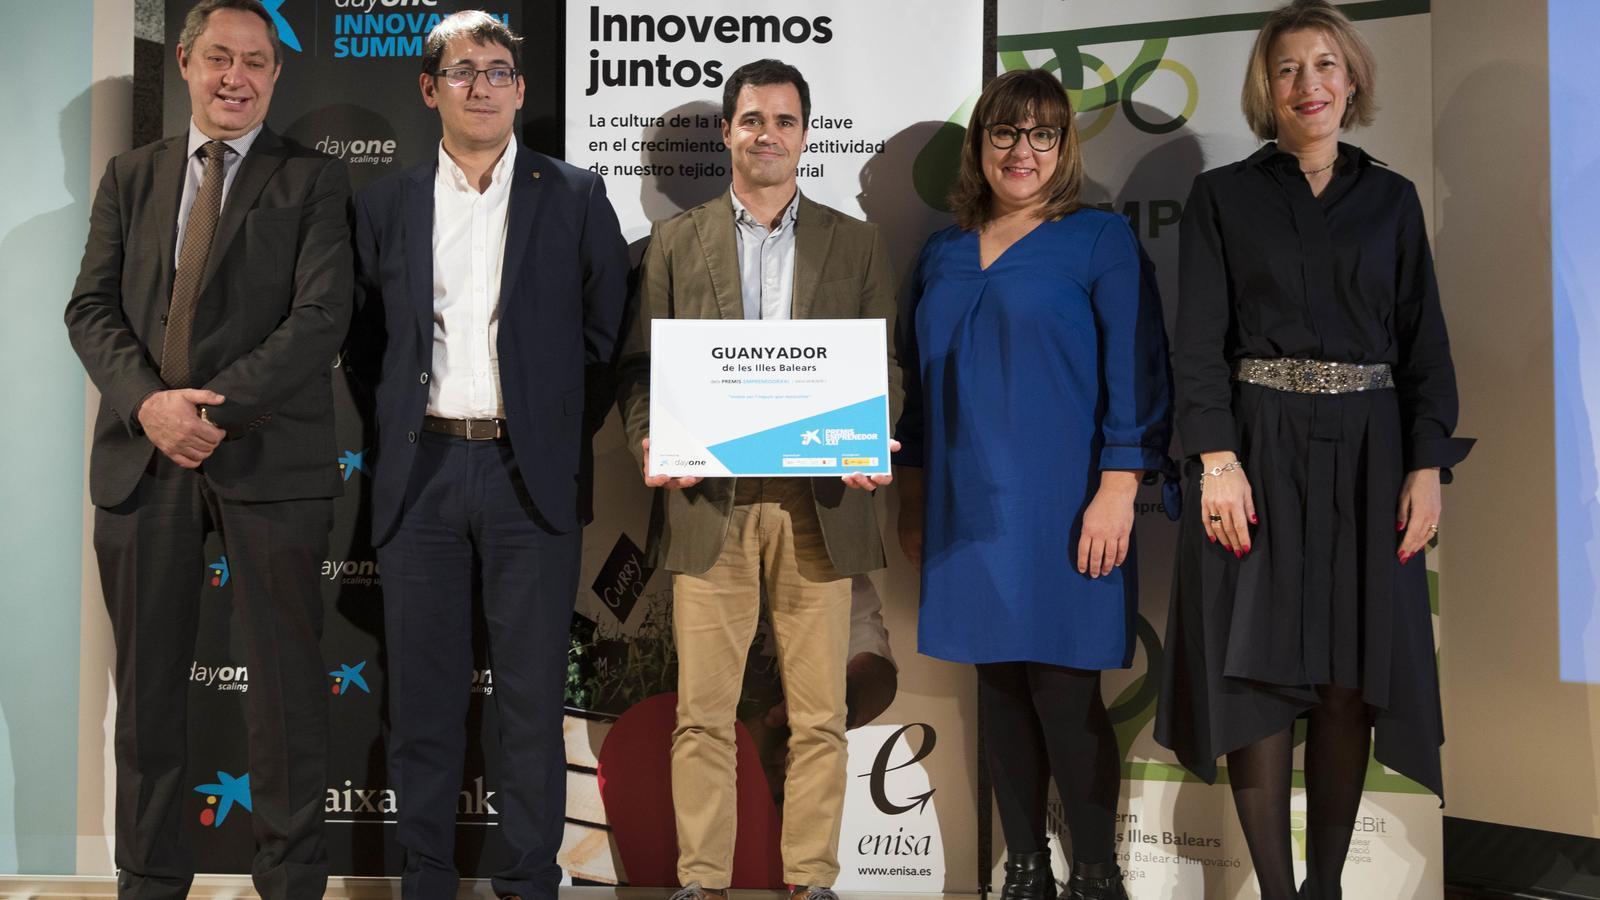 El guanyador del premi, entre Iago Negueruela i Bel Busquets.